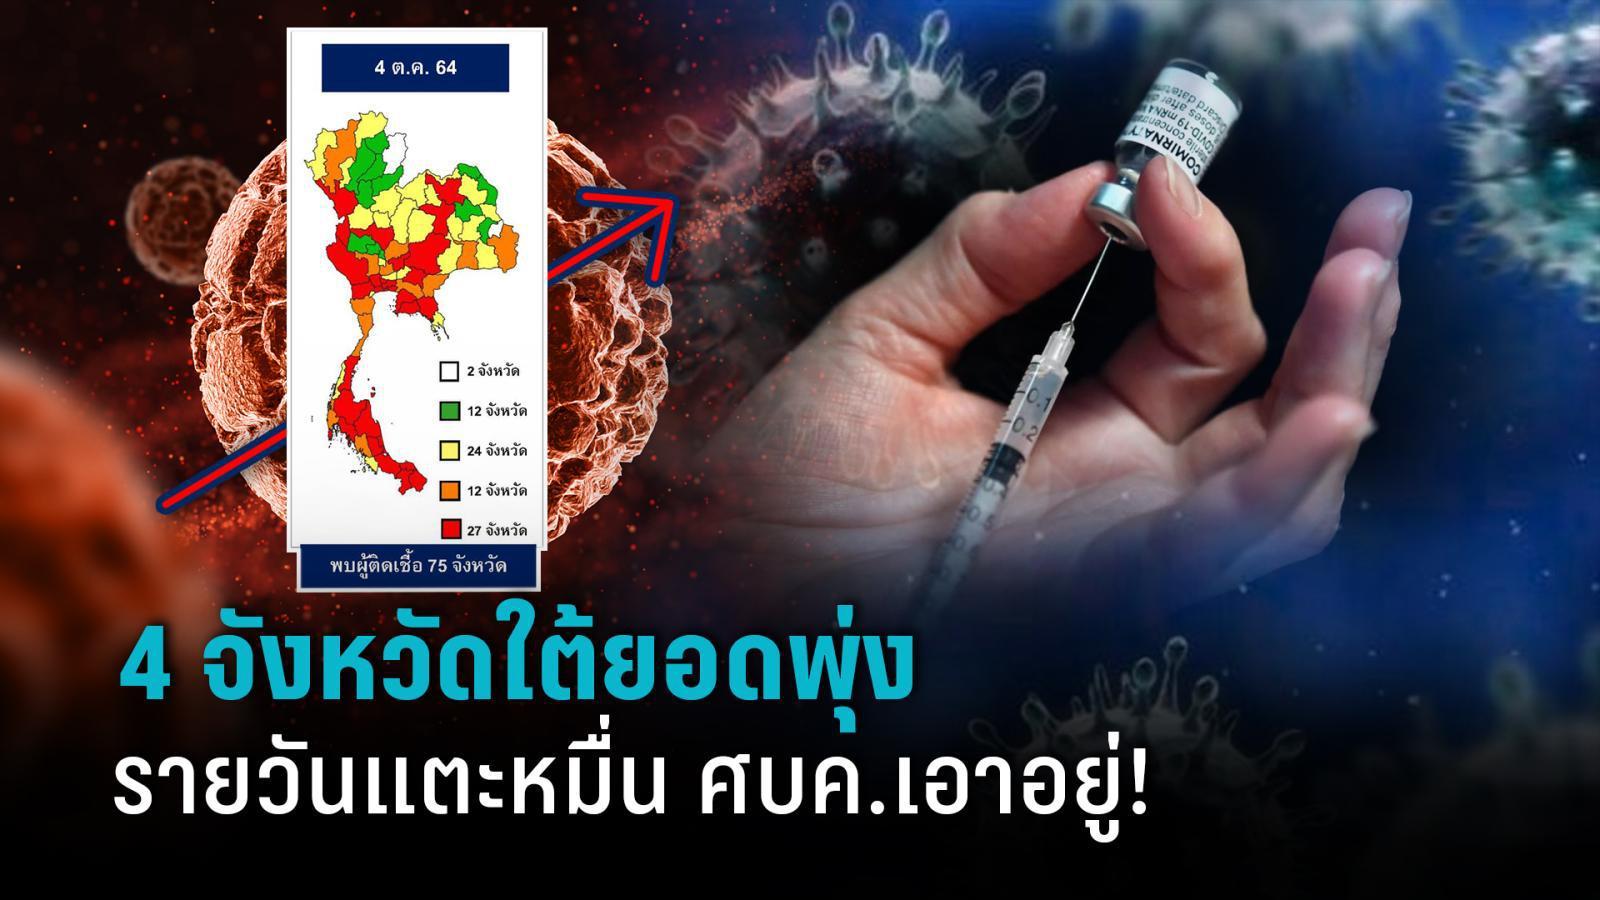 ติดโควิดวันละหมื่น เอาอยู่! ศบค.ห่วง 4 จว.ใต้ยอดพุ่ง ฉีดวัคซีนพลาดเป้า  เตือนร้านอาหารหัวหมอ : PPTVHD36